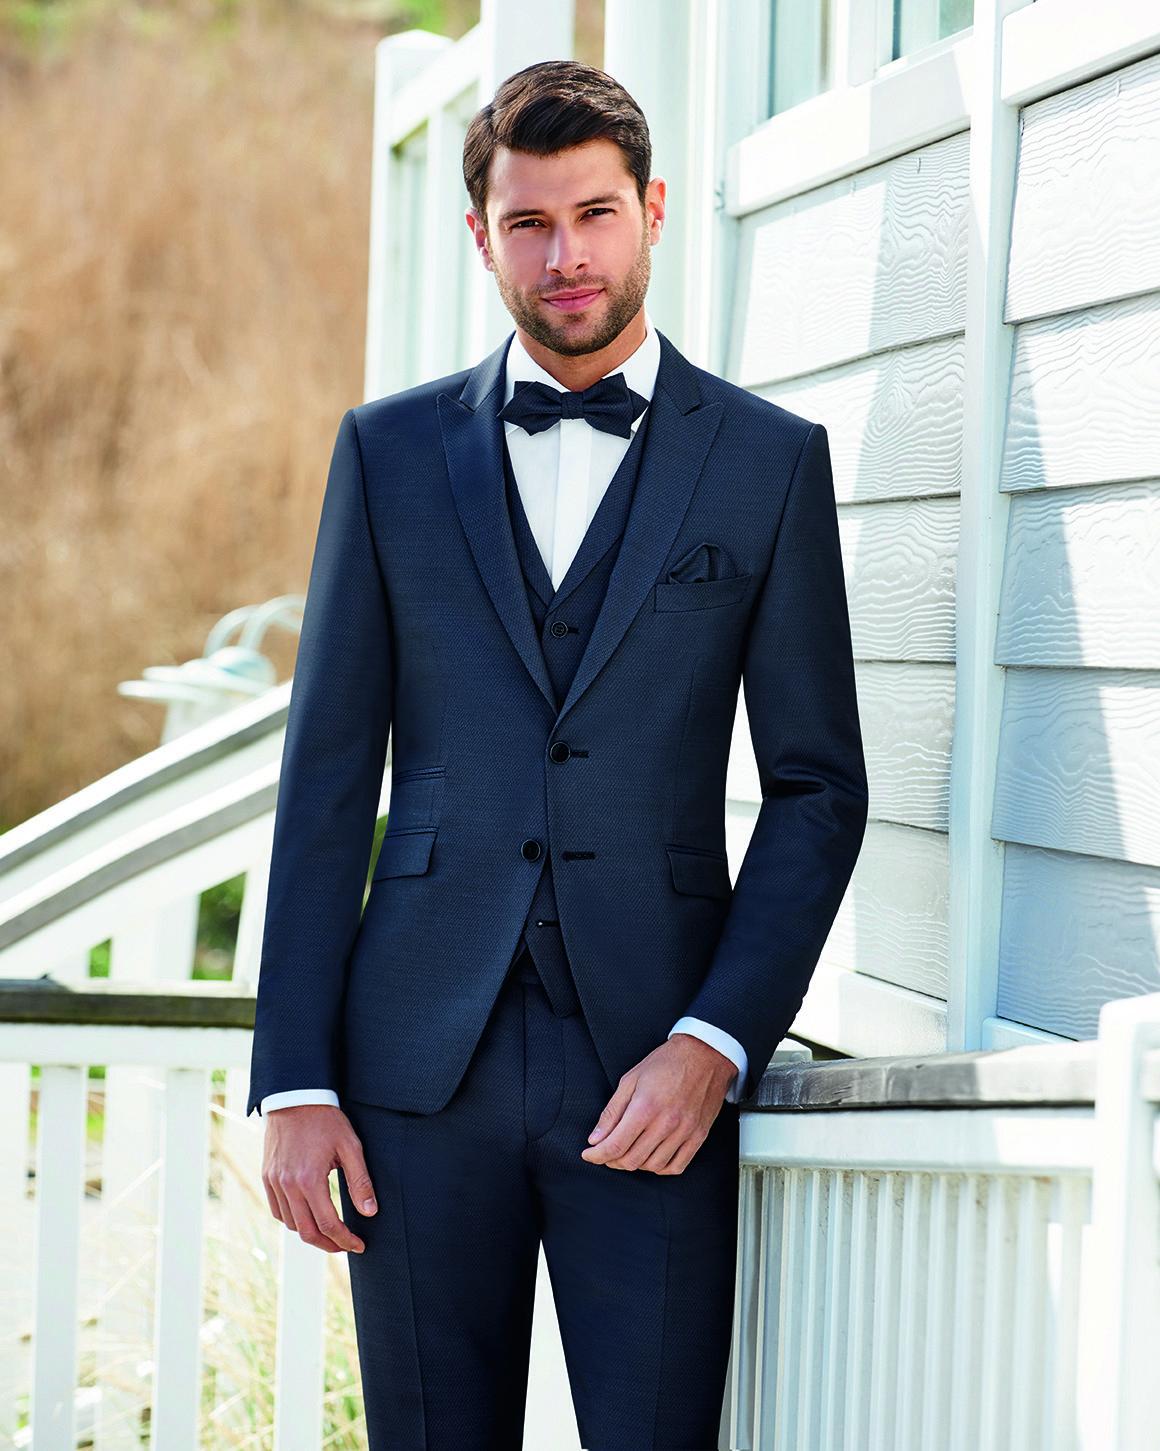 e96e17412 Klassisch eleganter Anzug in Mitternachtsblau aus der Wilvorst After Six  Kollektion 2018 #anzugträger #mensfashion #menstyle #menswear #männermode  ...